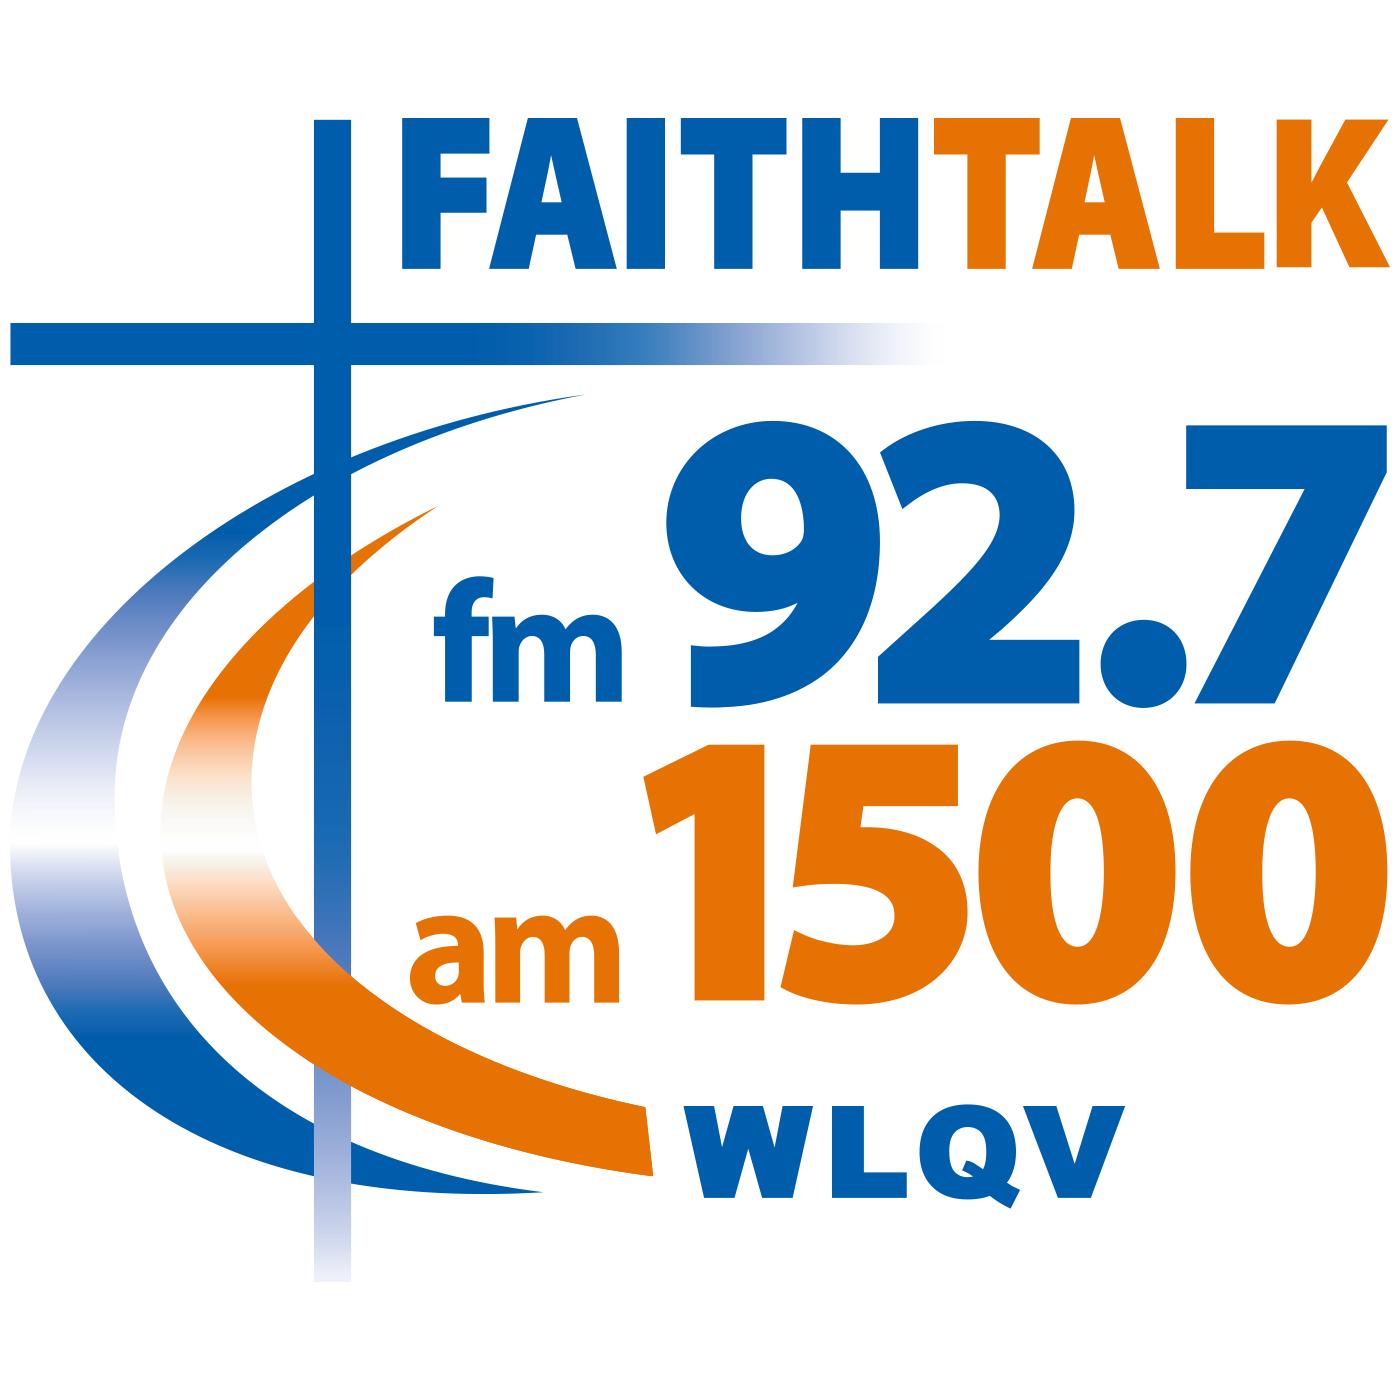 FaithTalk FM 92.7 AM 1500 WLQV